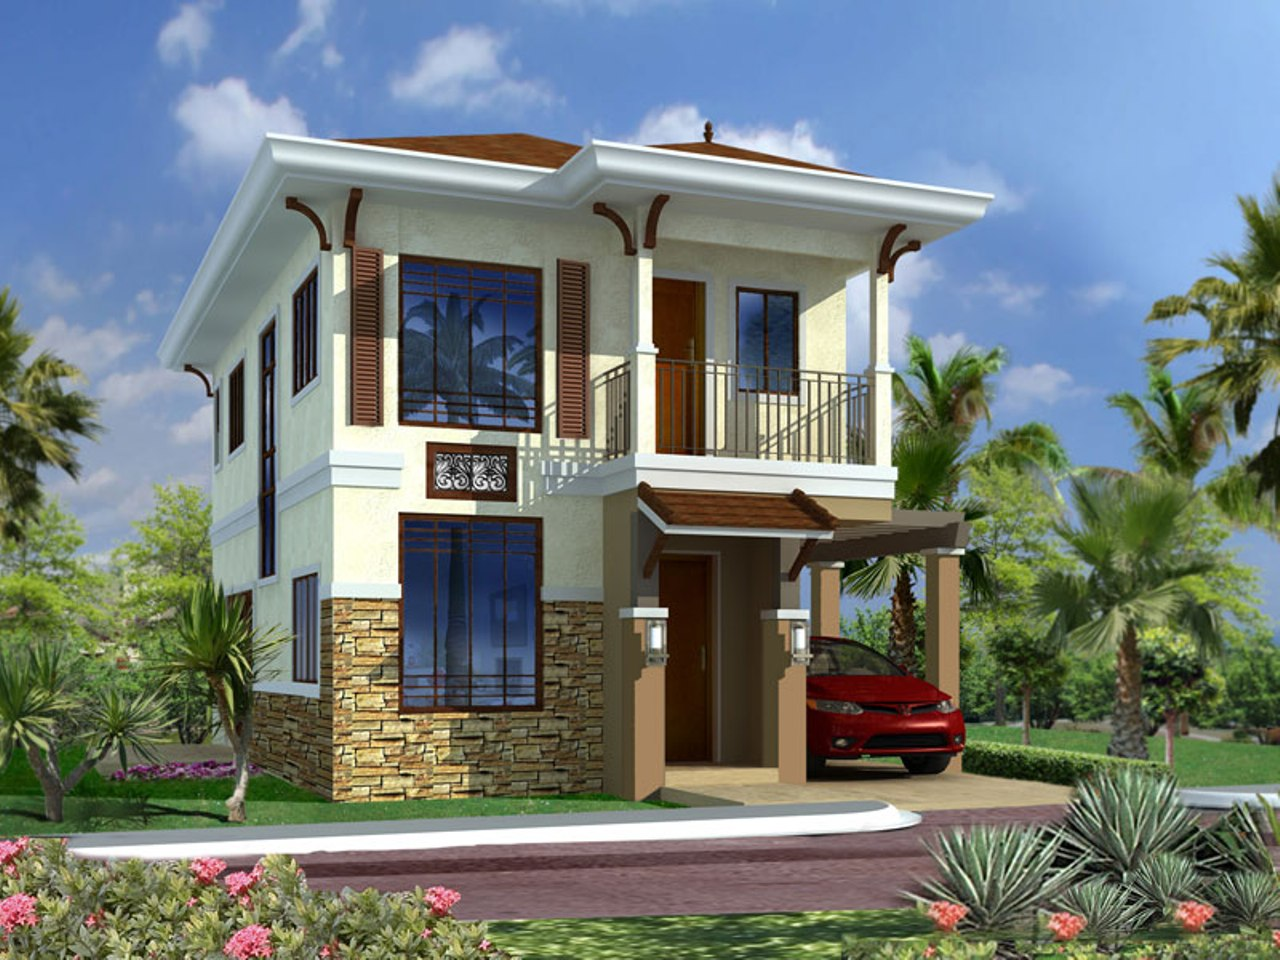 Imagenes de casas modernas planos de casas modernas for Jazzghost casas modernas 9